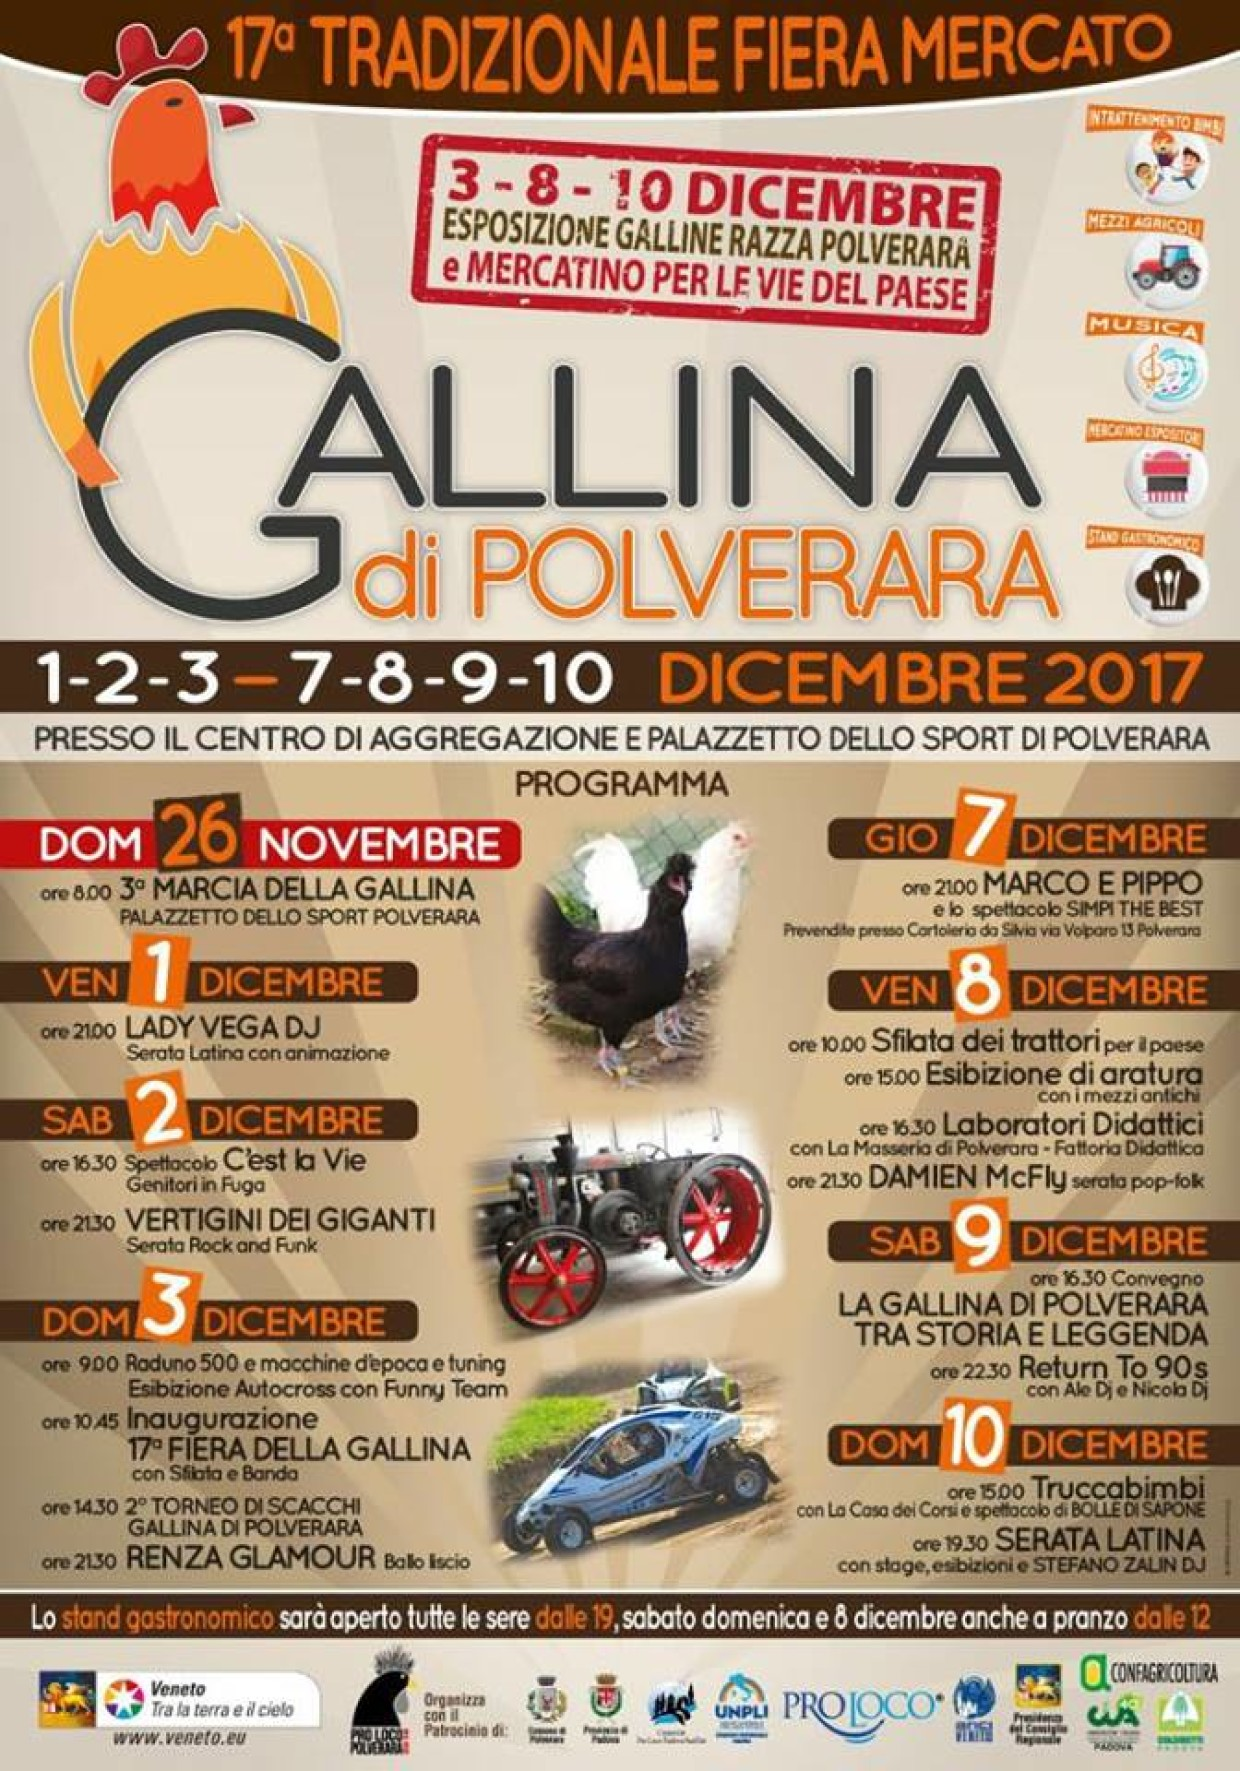 FIERA MERCATO DELLA GALLINA DI POLVERARA Ed. 2017: NON SI ESPONGONO VOLATILI